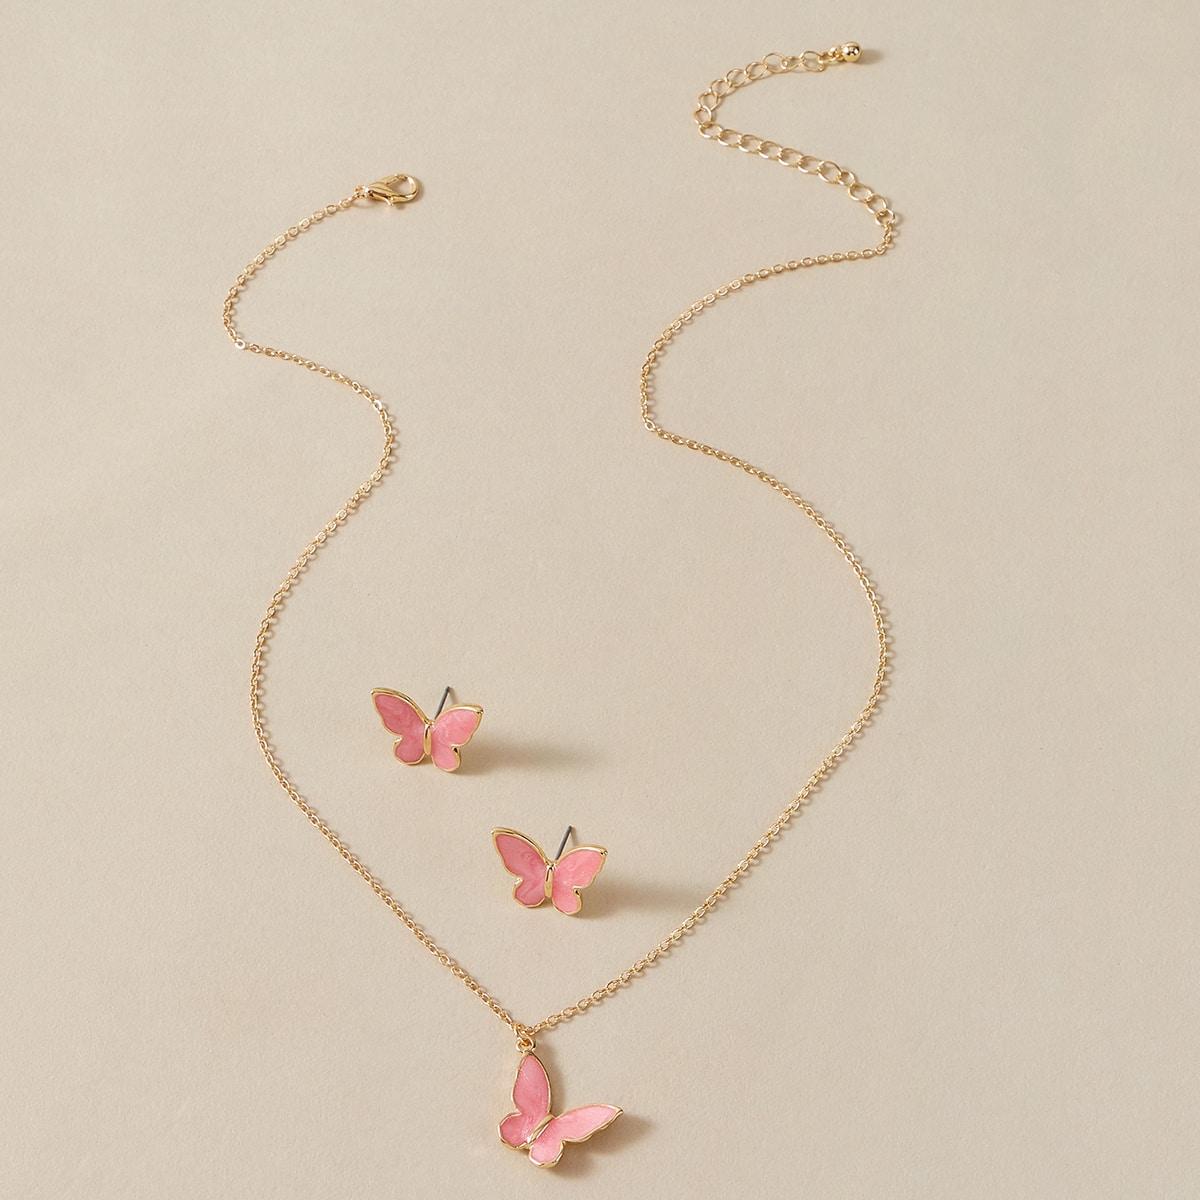 1шт ожерелье и 1 пара серьги-подвески с подвеской бабочки фото